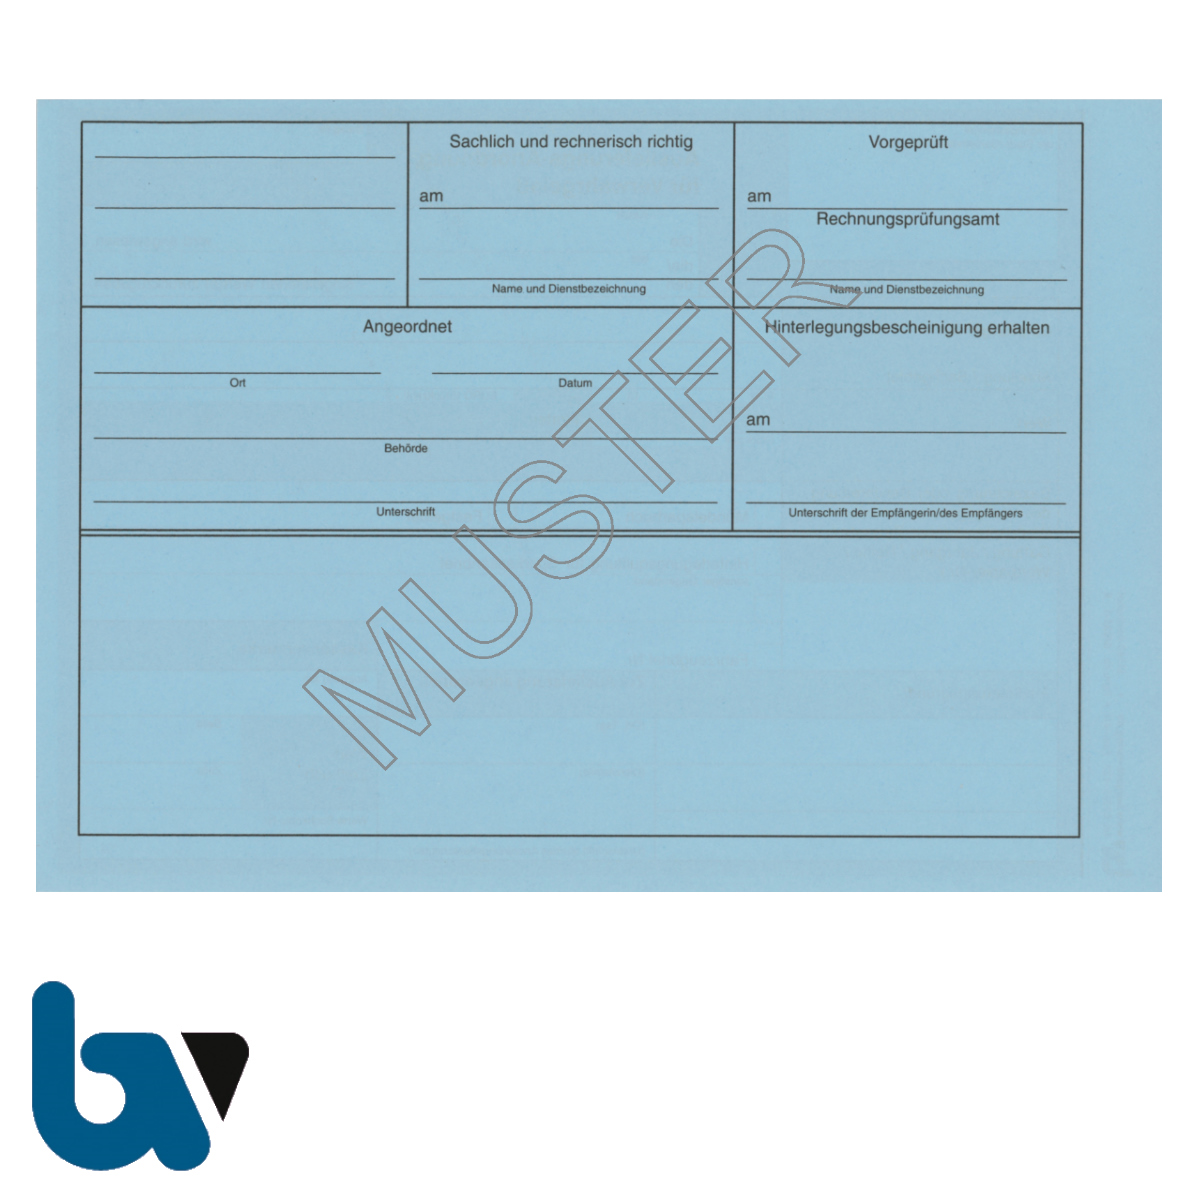 0/835-1 Auslieferungs Anordnung Verwahrgelass blau DIN A5 Rückseite | Borgard Verlag GmbH